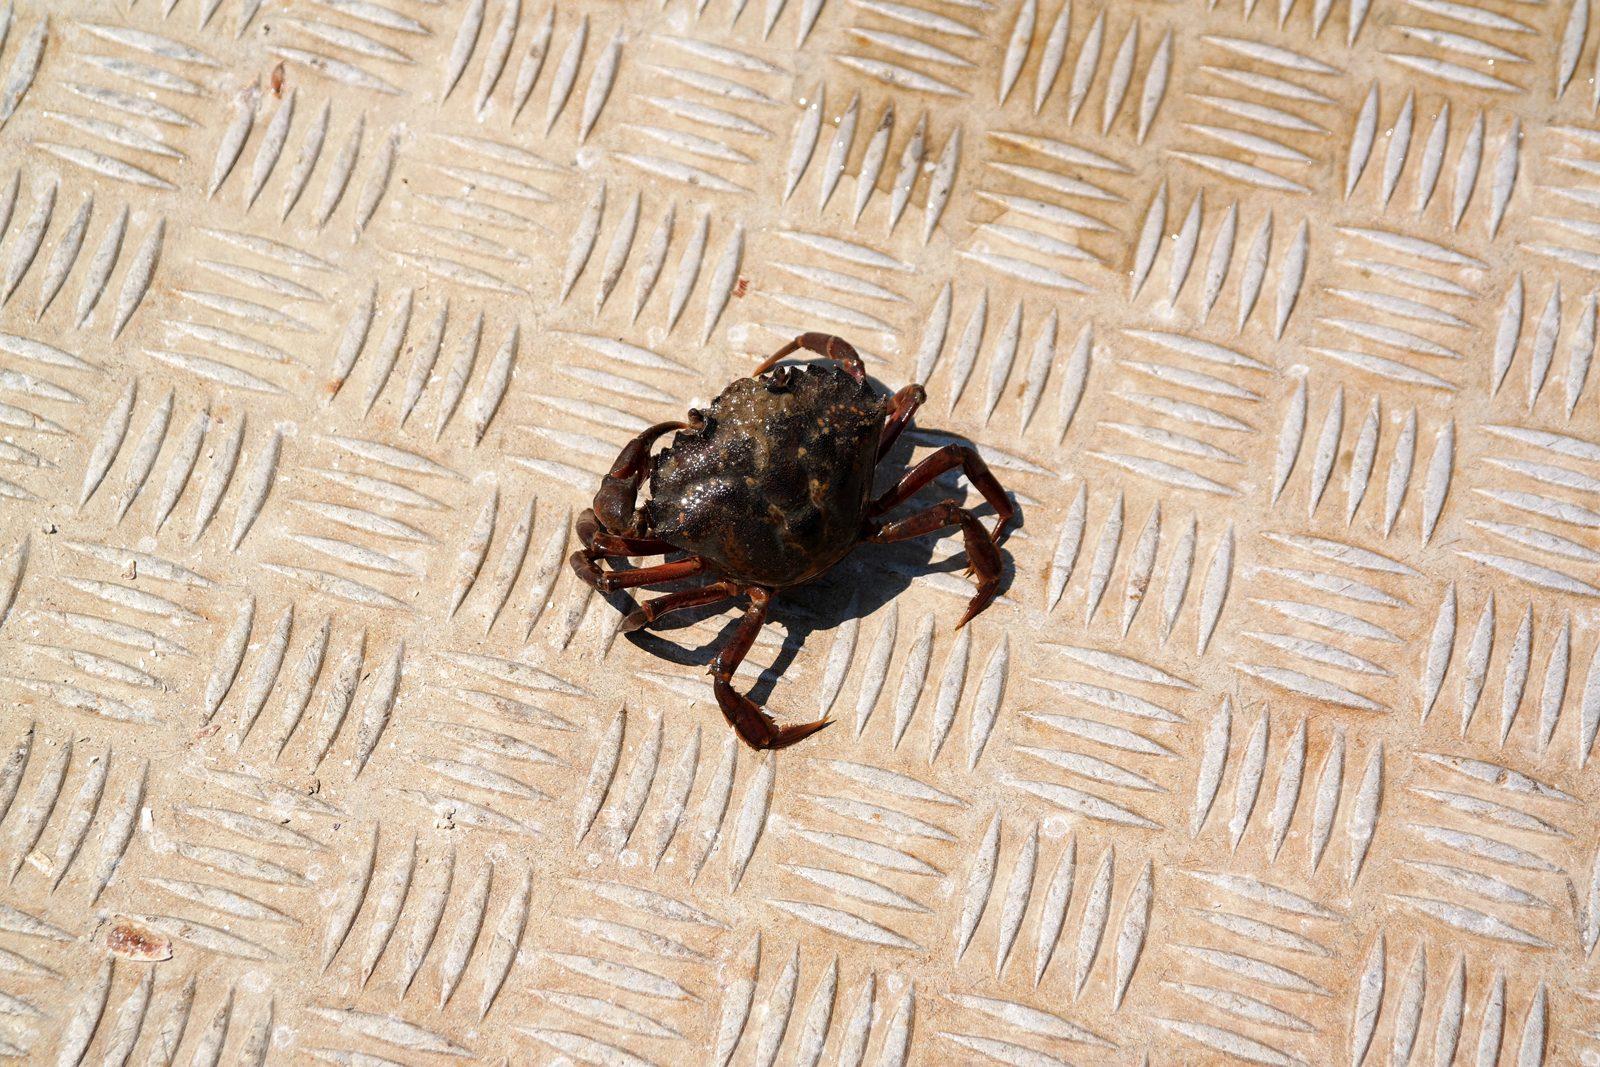 Crabe tombé d une poche a huitres bateau eole bassin d arcachon tourisme vacances sortie ostréiculture photo usofparis blog